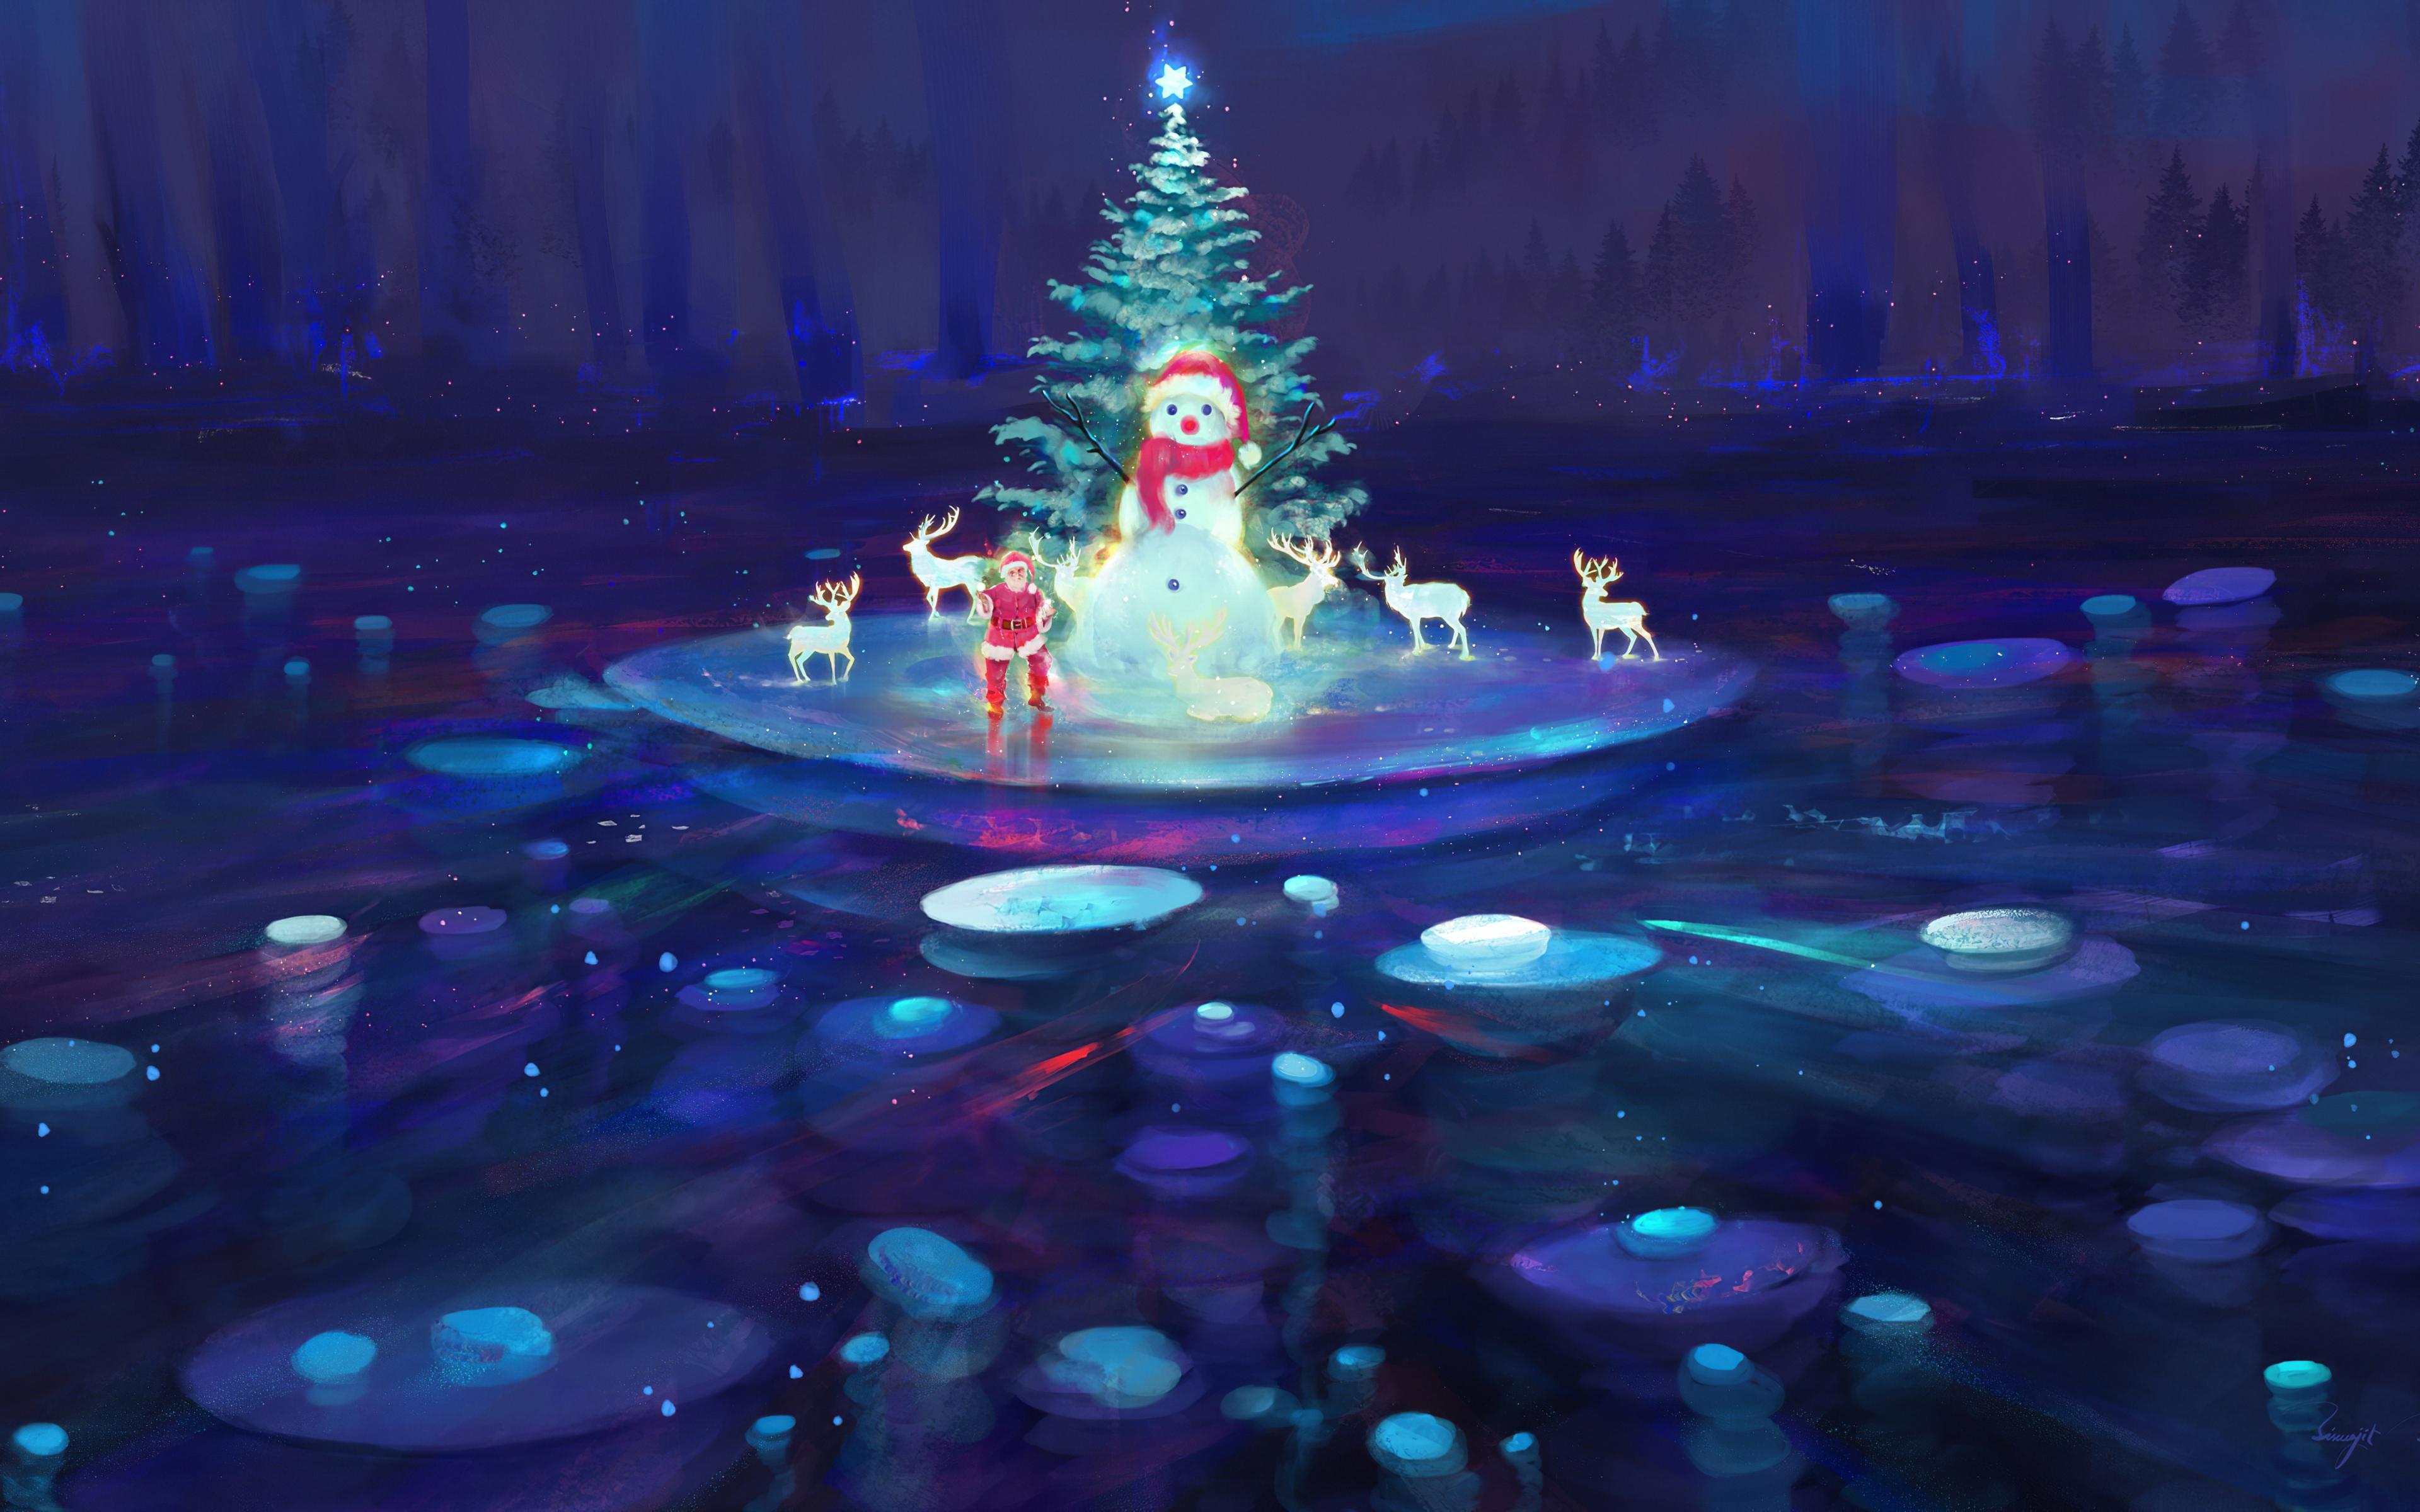 reindeer-christmas-season-santa-colorful-digital-art-4k-f8.jpg